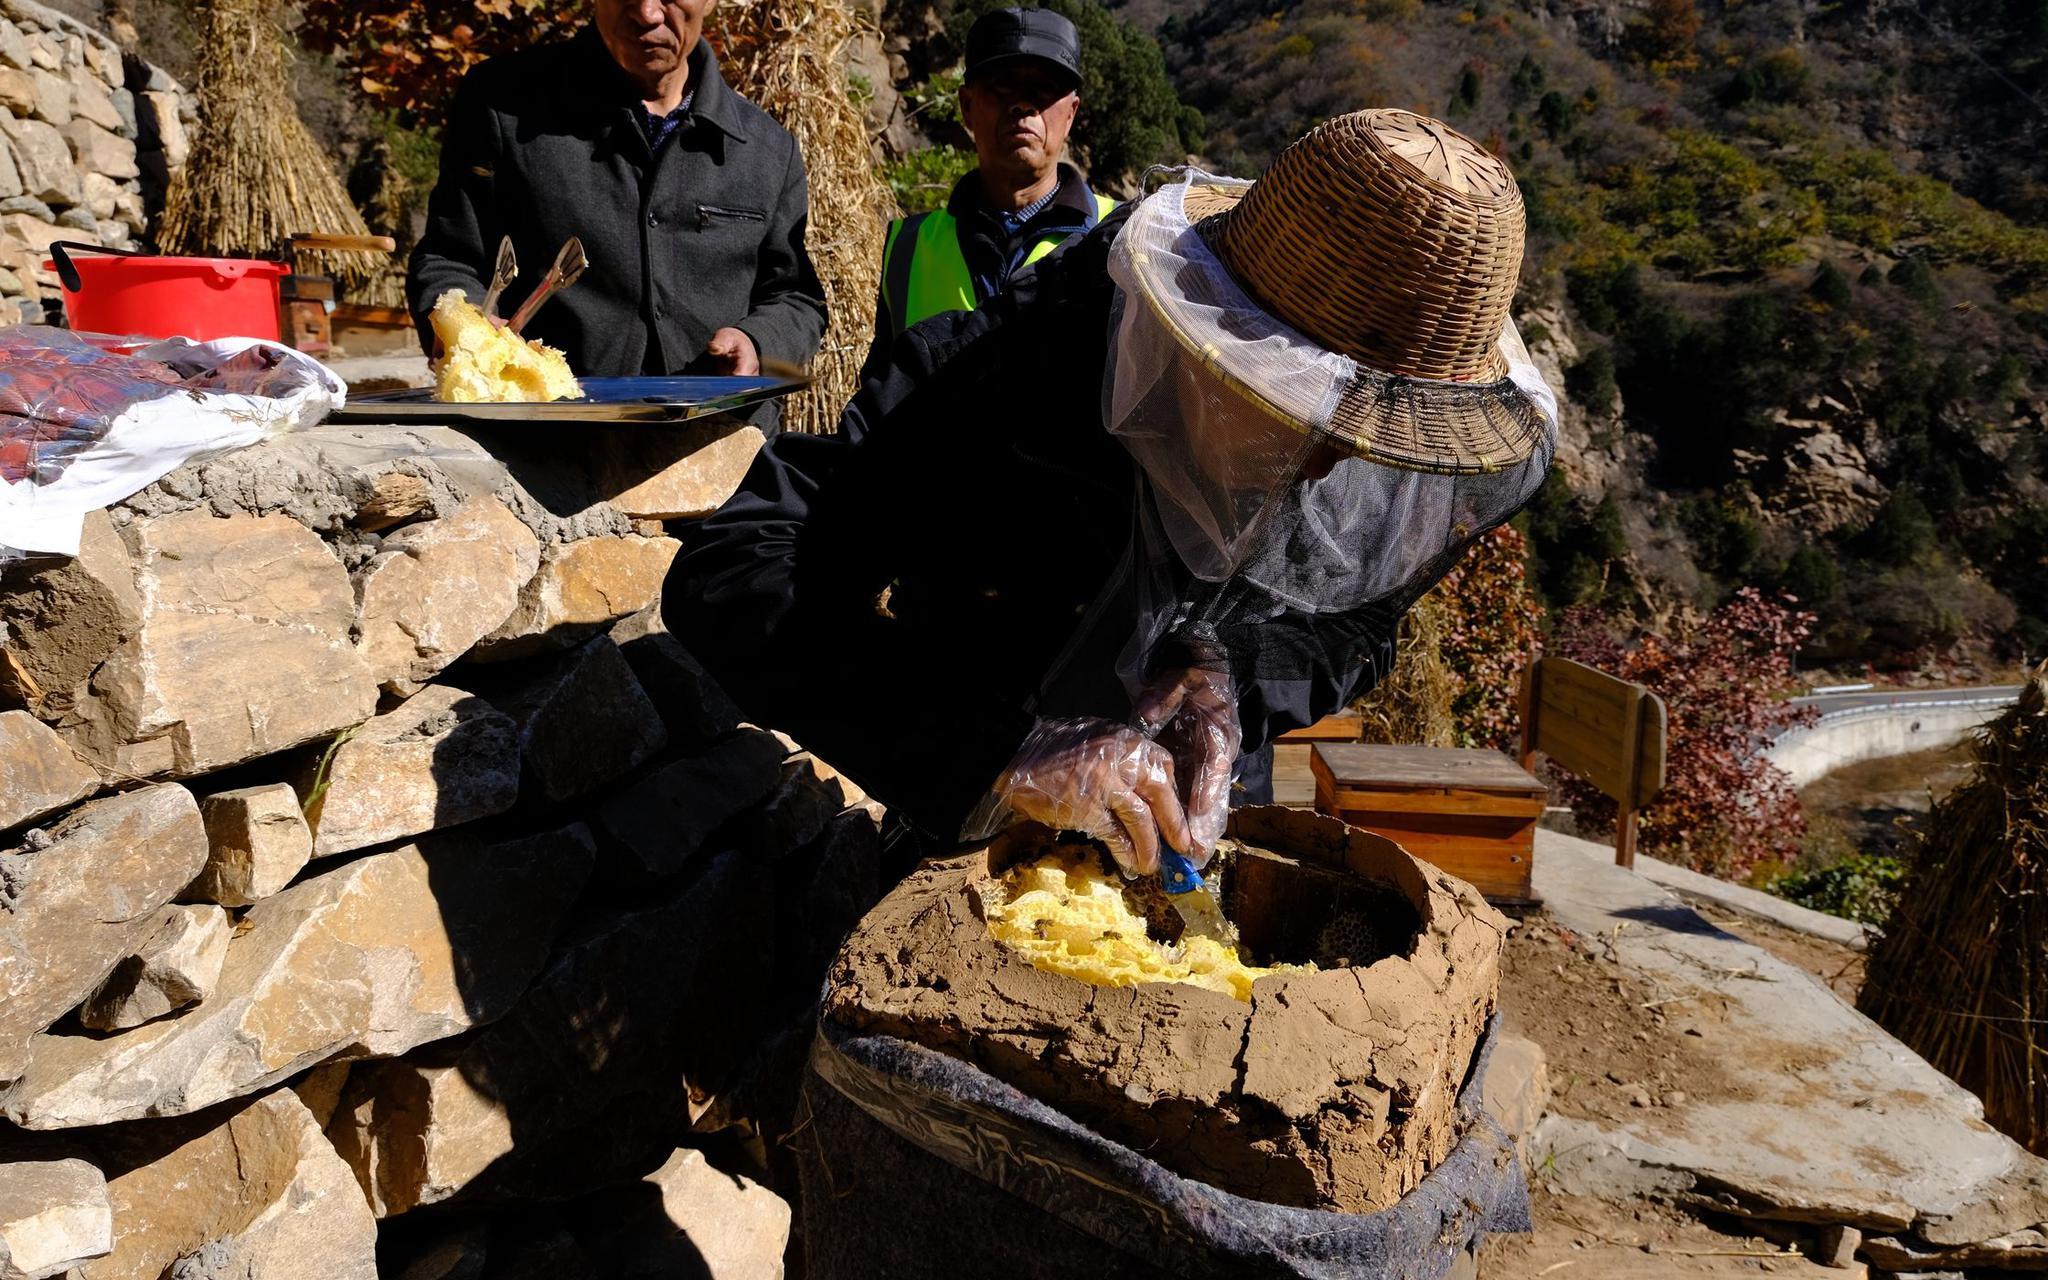 蜂农从蜂桶中割取蜂蜜。新京报记者 王巍 摄